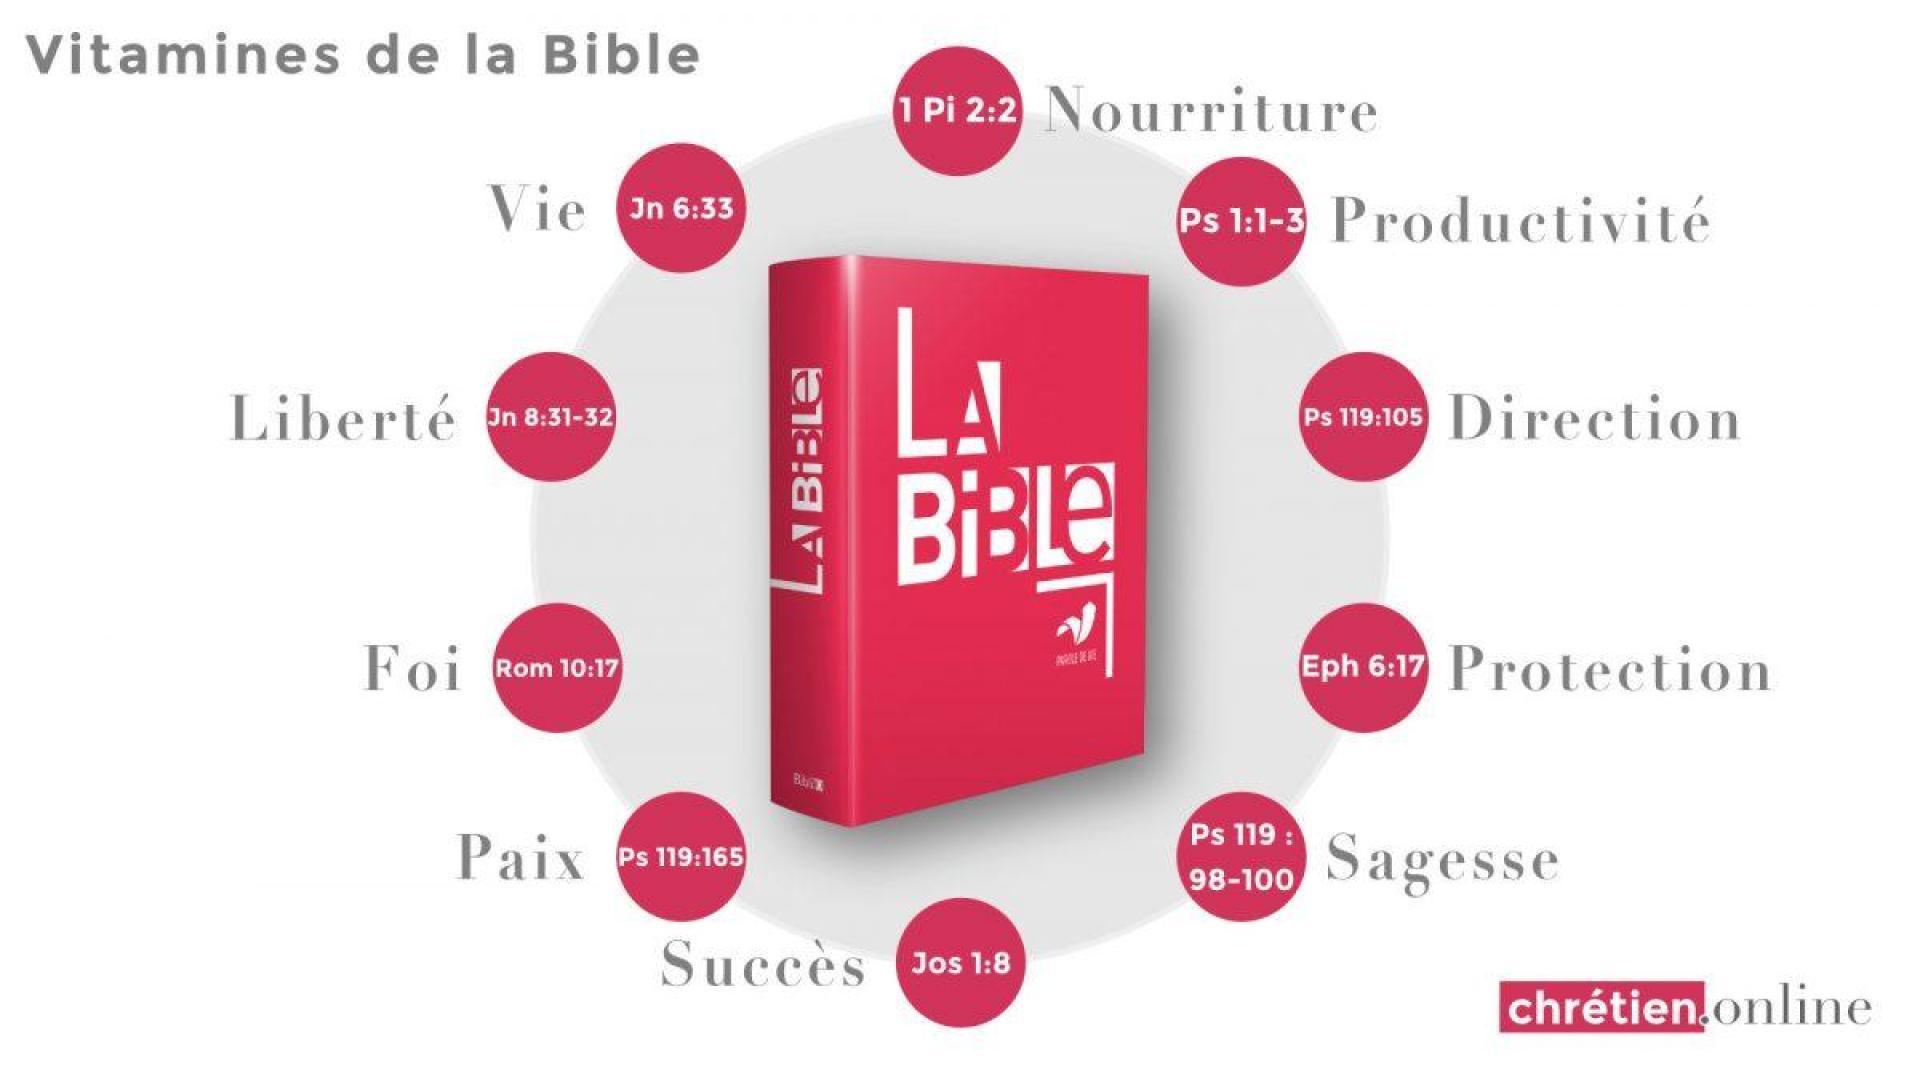 Les vitamines Bibliques